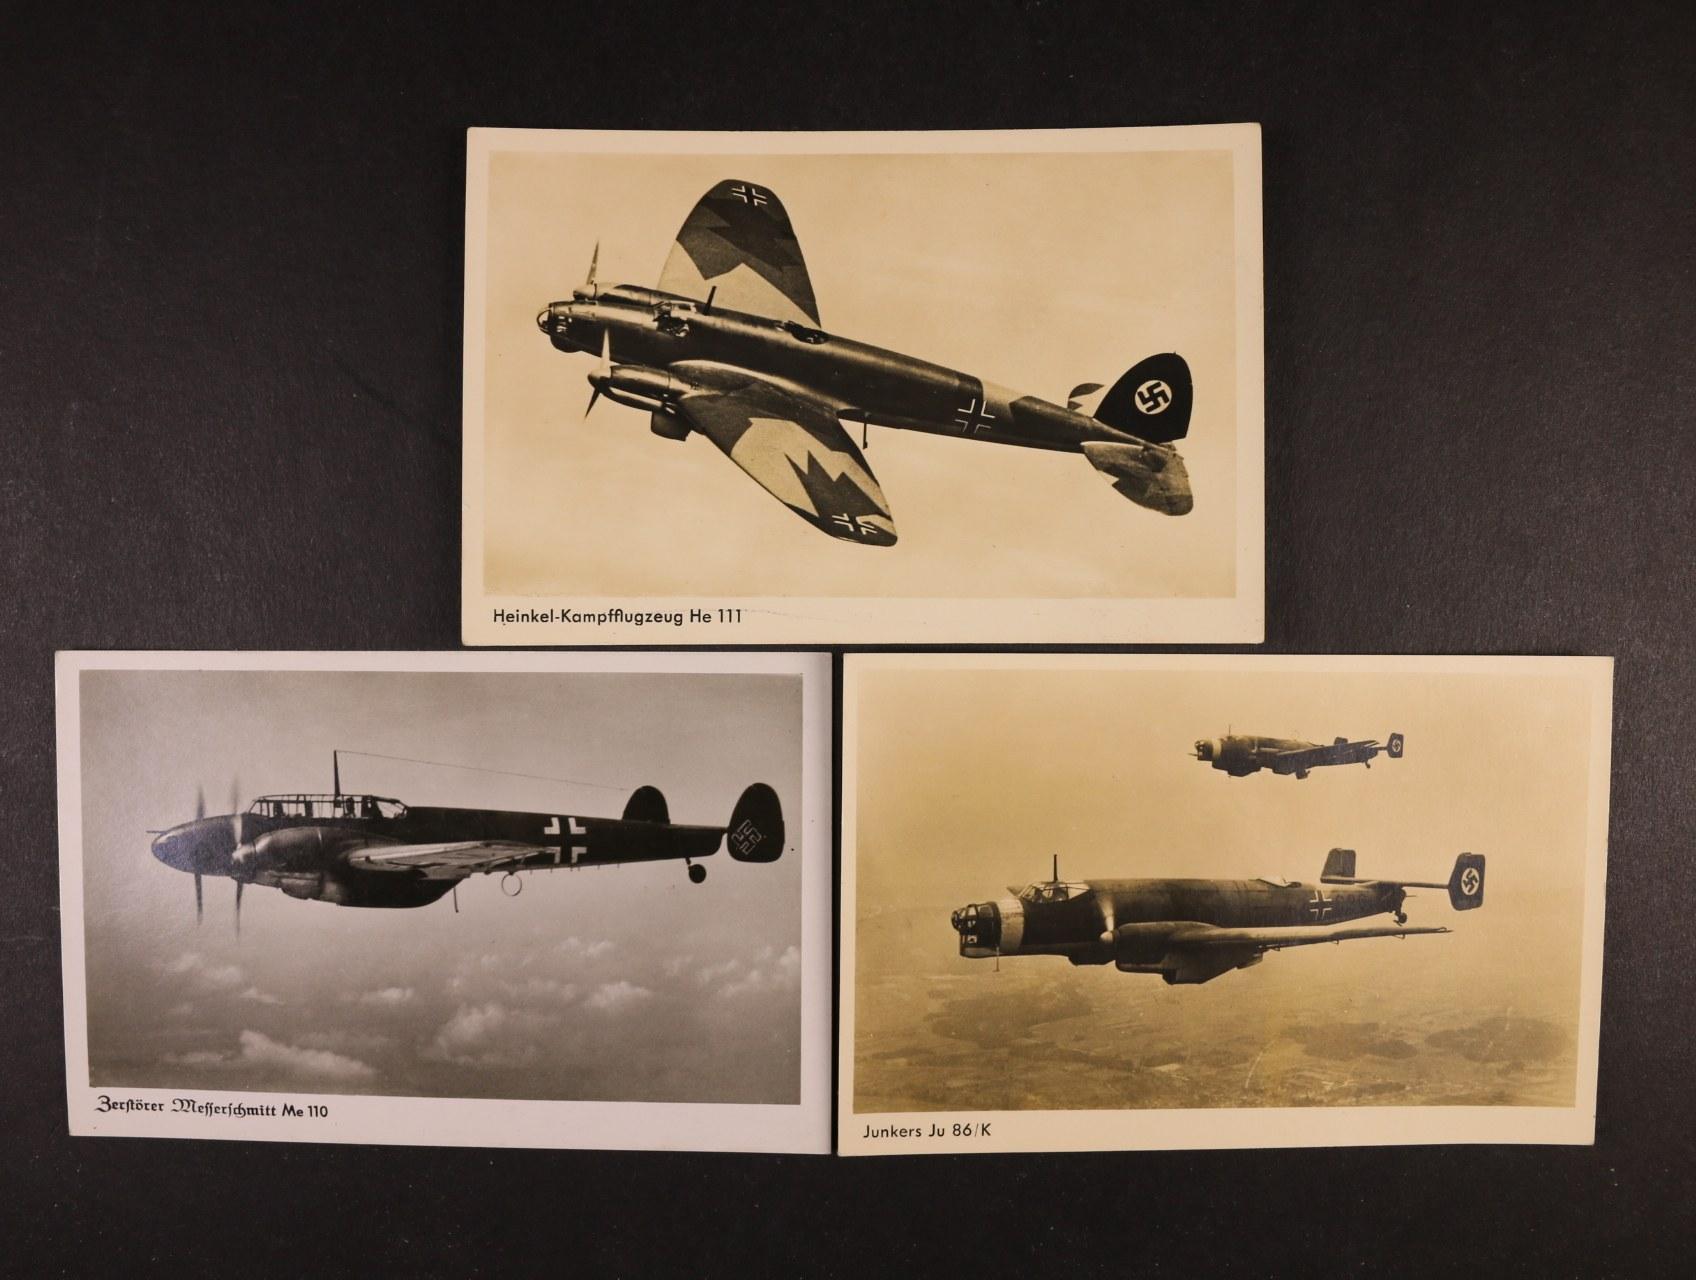 sestava 3 ks fotopohlednic s letadly Me 110, Ju 86/K, He 111, nepoužité